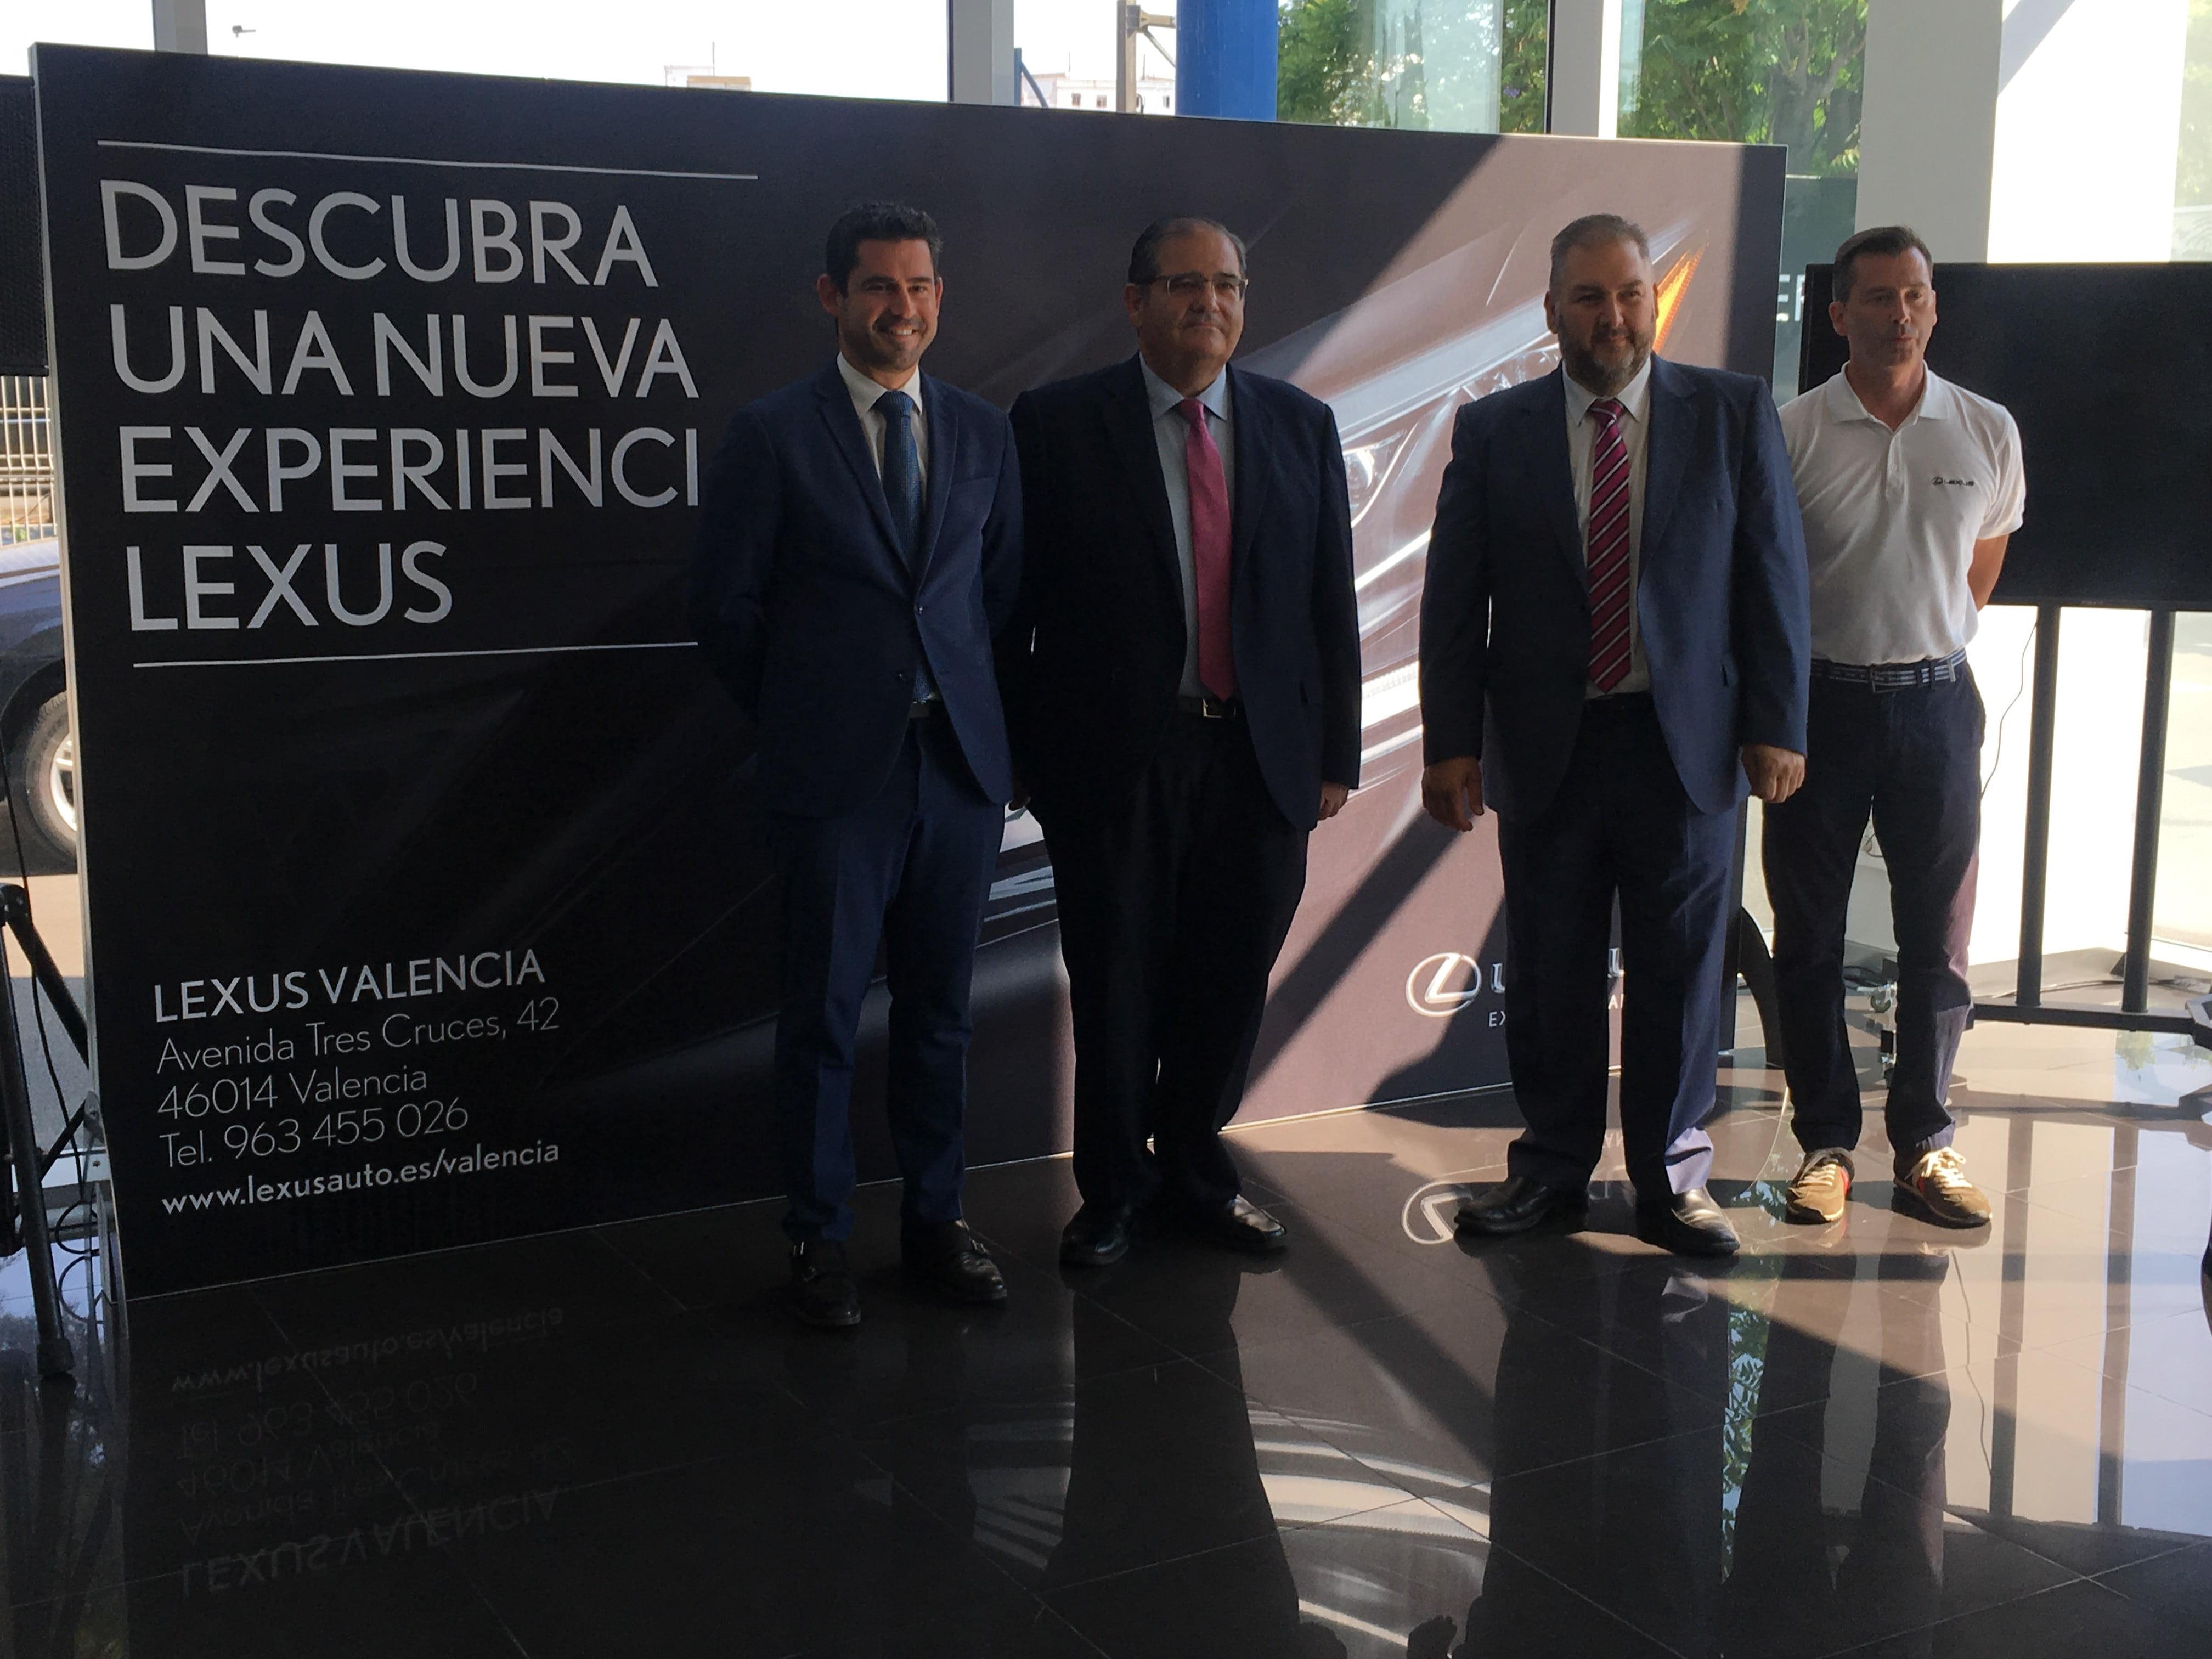 Lexus Valencia presenta los nuevos Lexus ES 300h y Lexus UX 250h